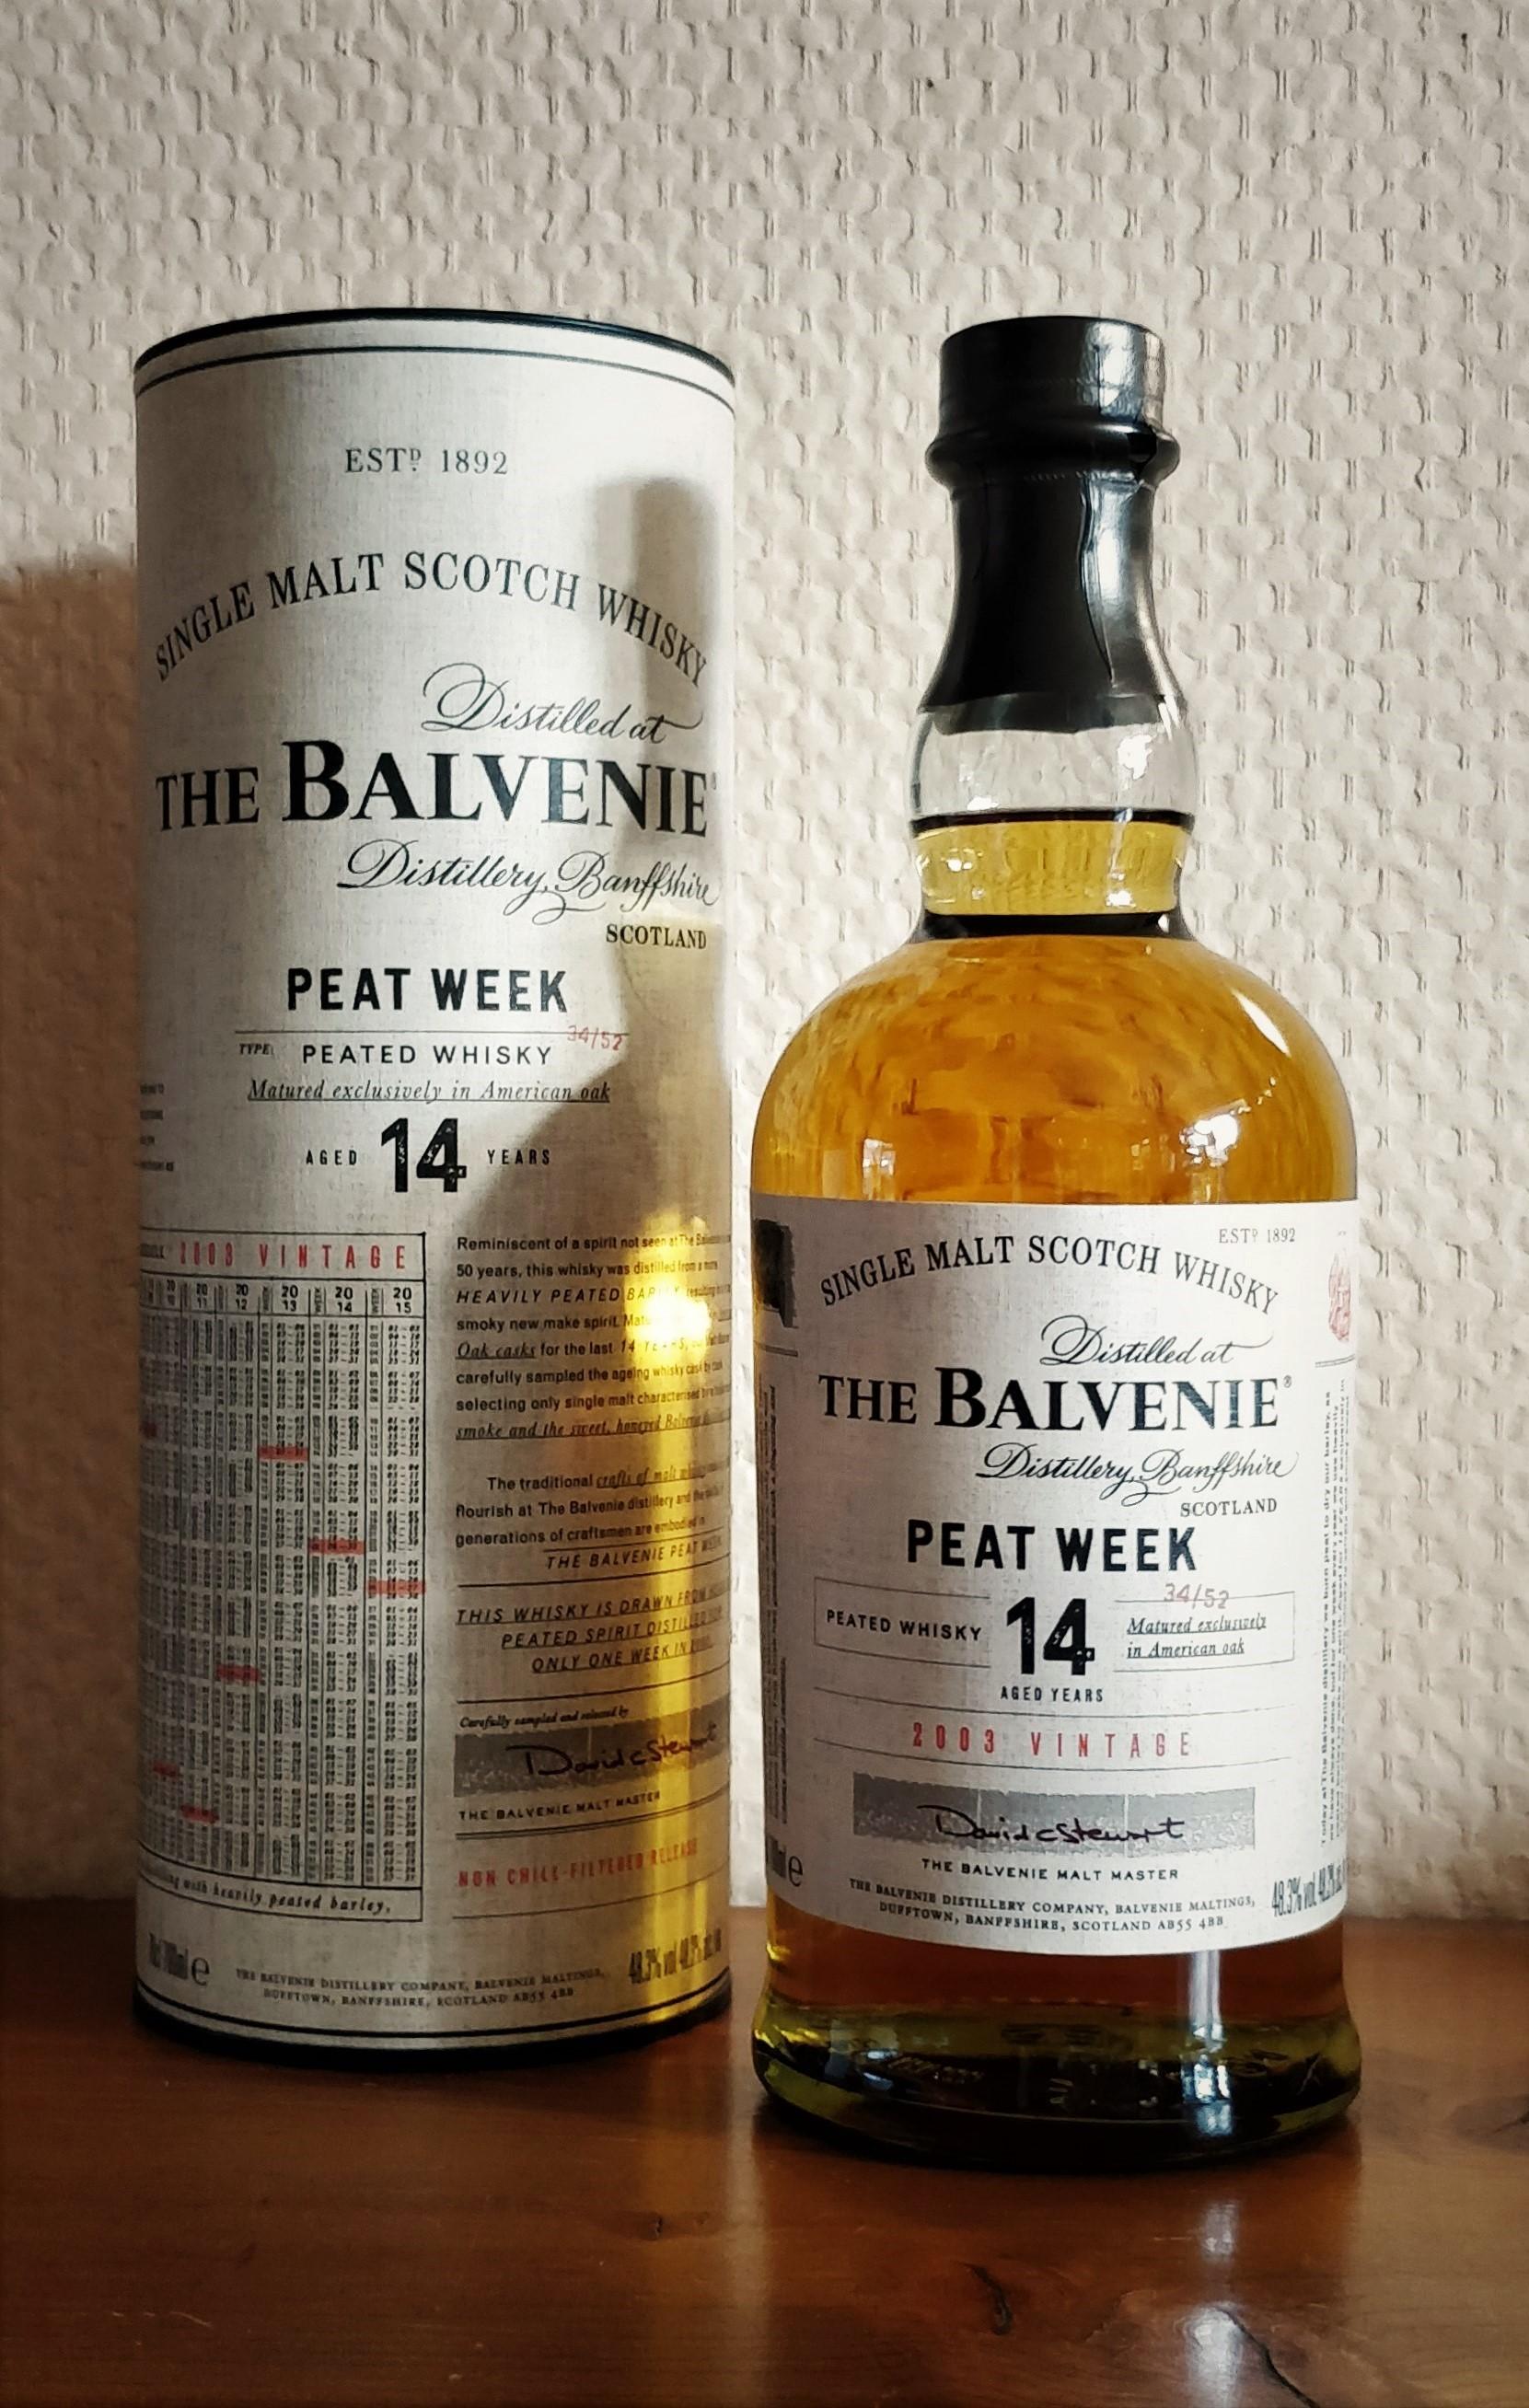 Balvenie Peat Week 02